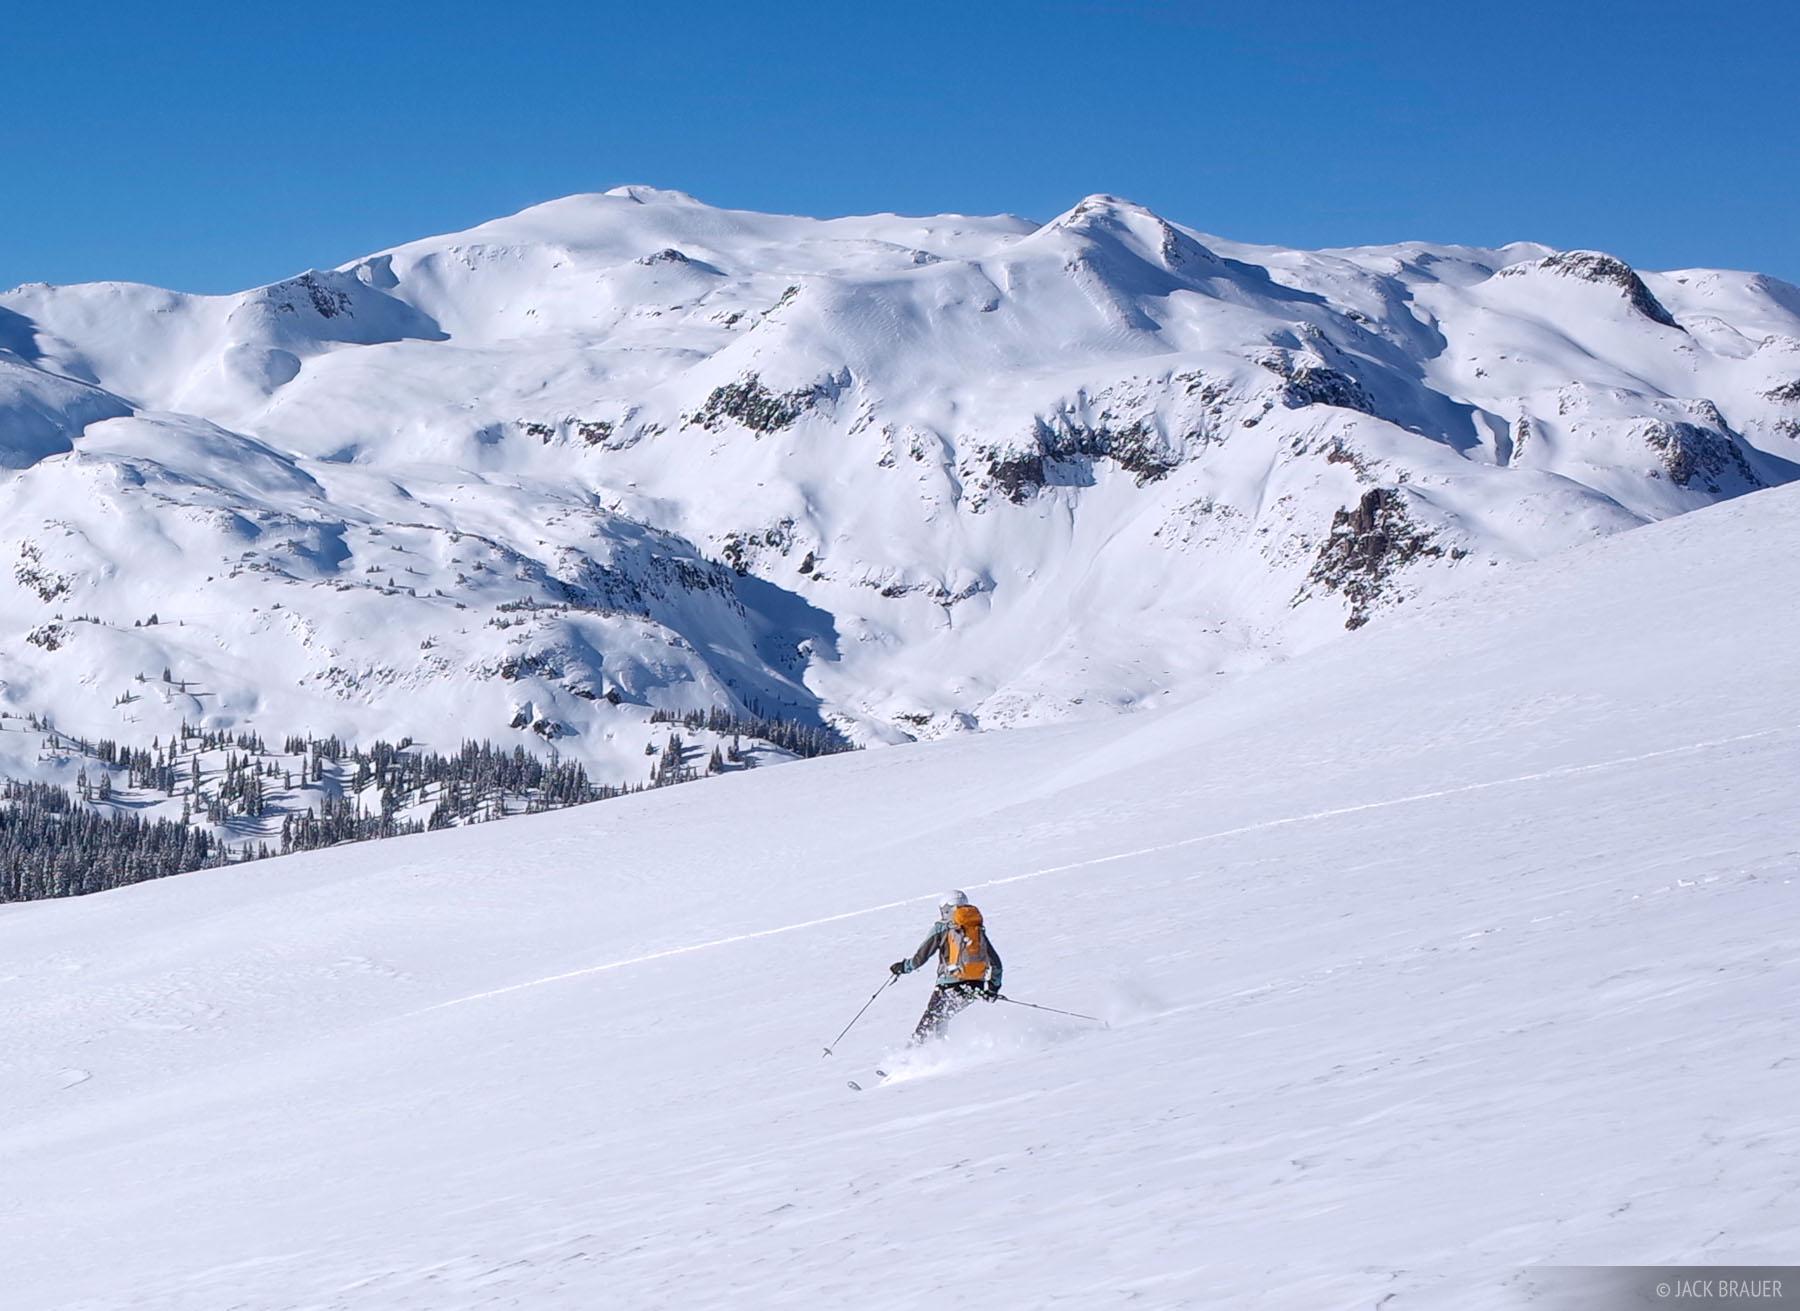 San Juan Mountains, Colorado, skiing, photo